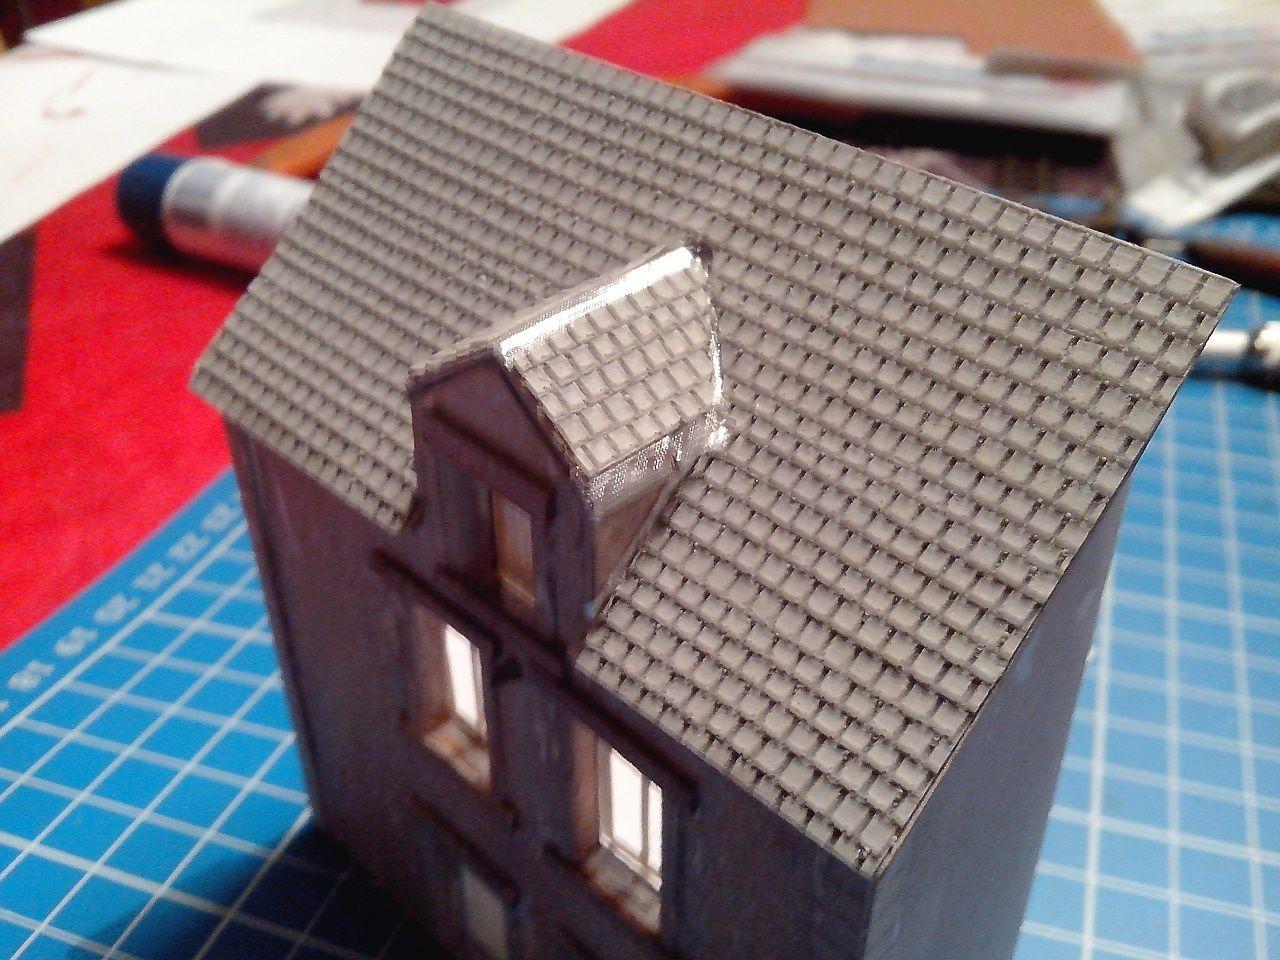 La construction des maisons avance. Les détails comme les gouttières, les aménagements intérieurs, les volets seront confectionnées ultérieurement.